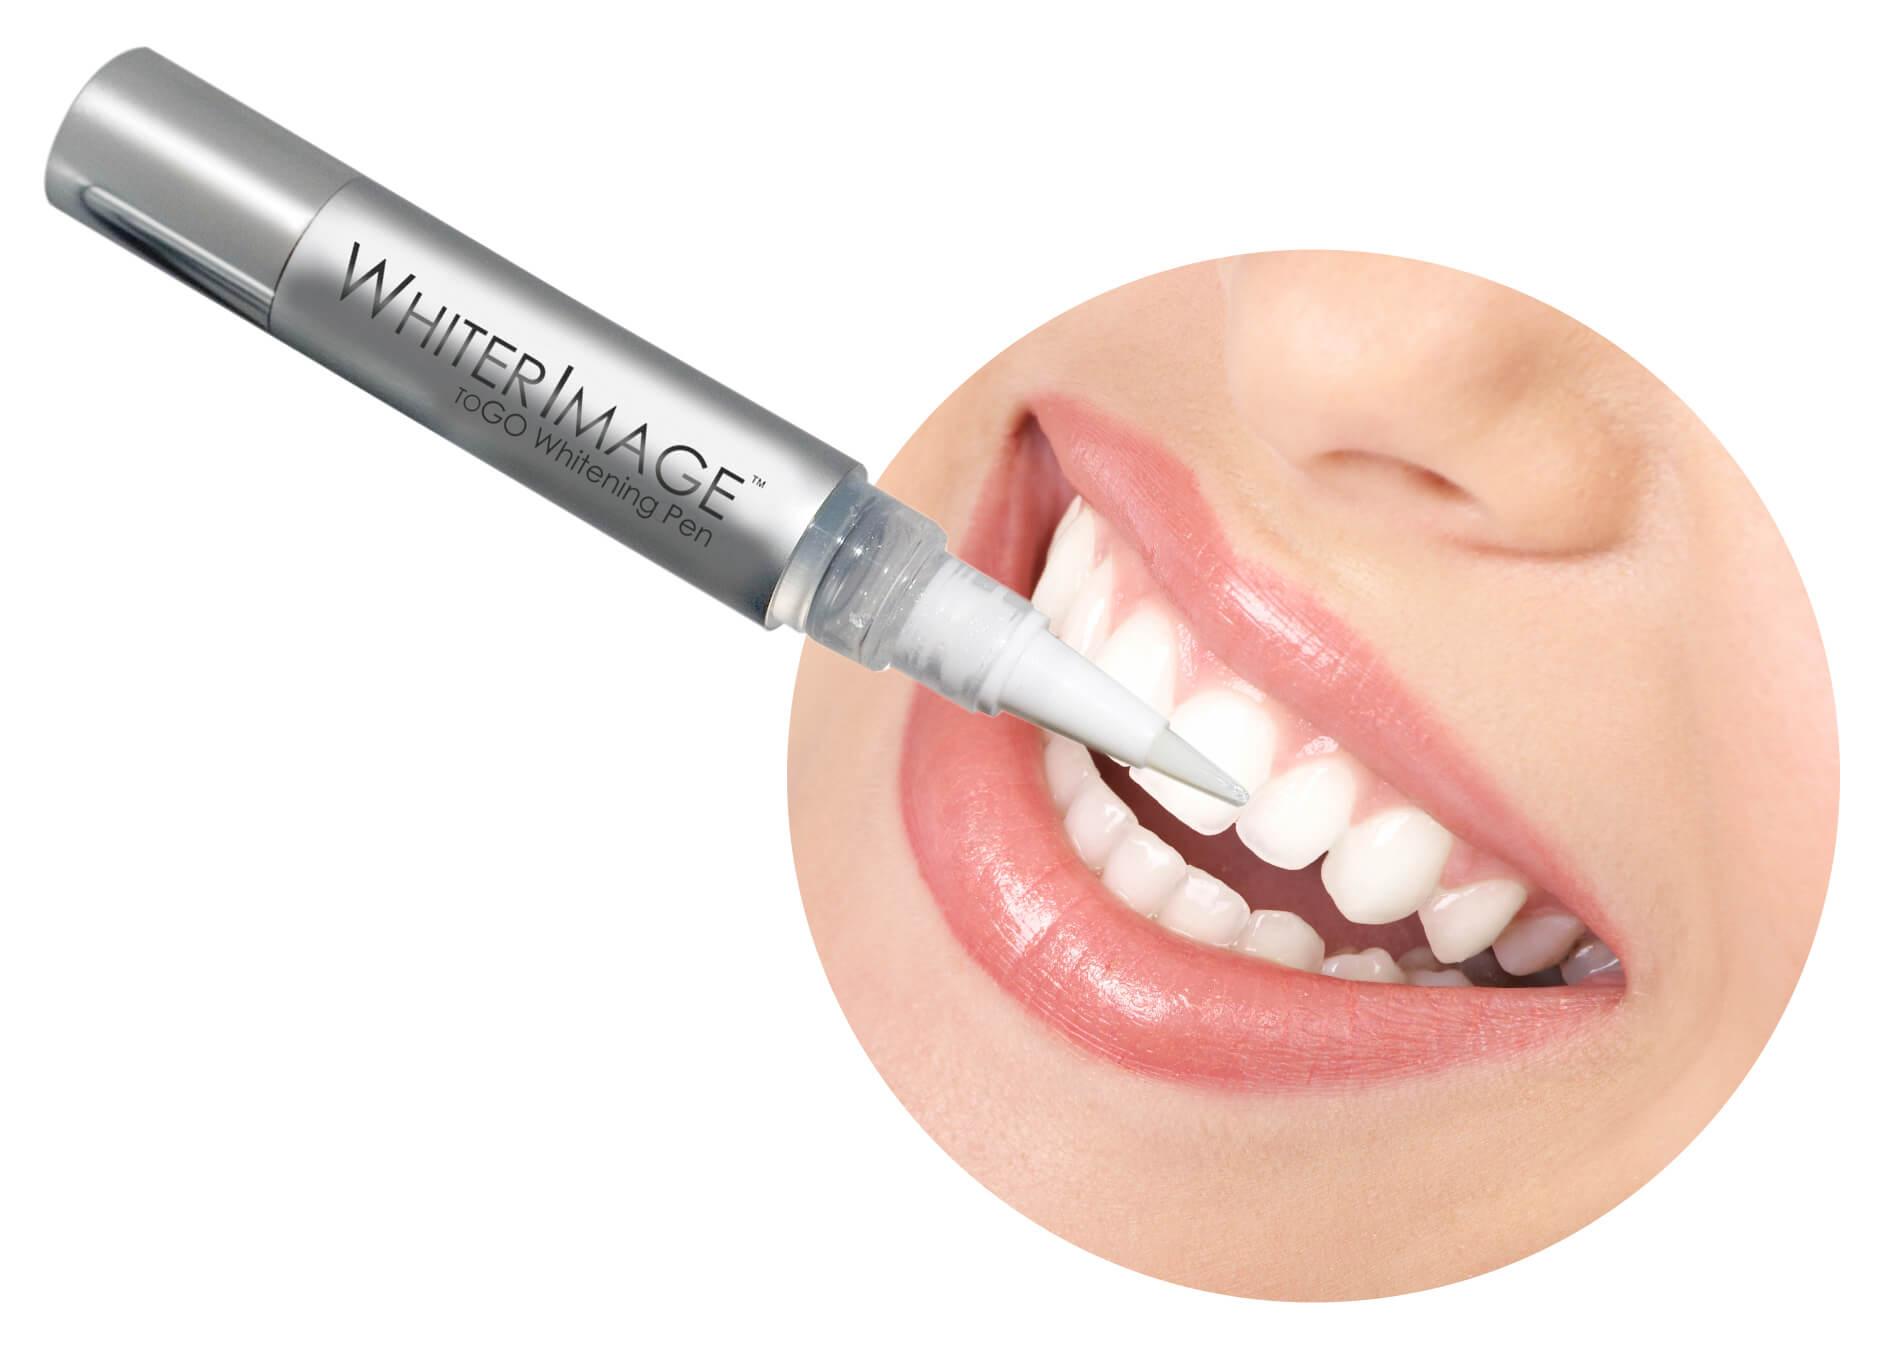 Как пользоваться карандашом для отбеливания зубов: неоспоримые преимущества и некоторые недостатки